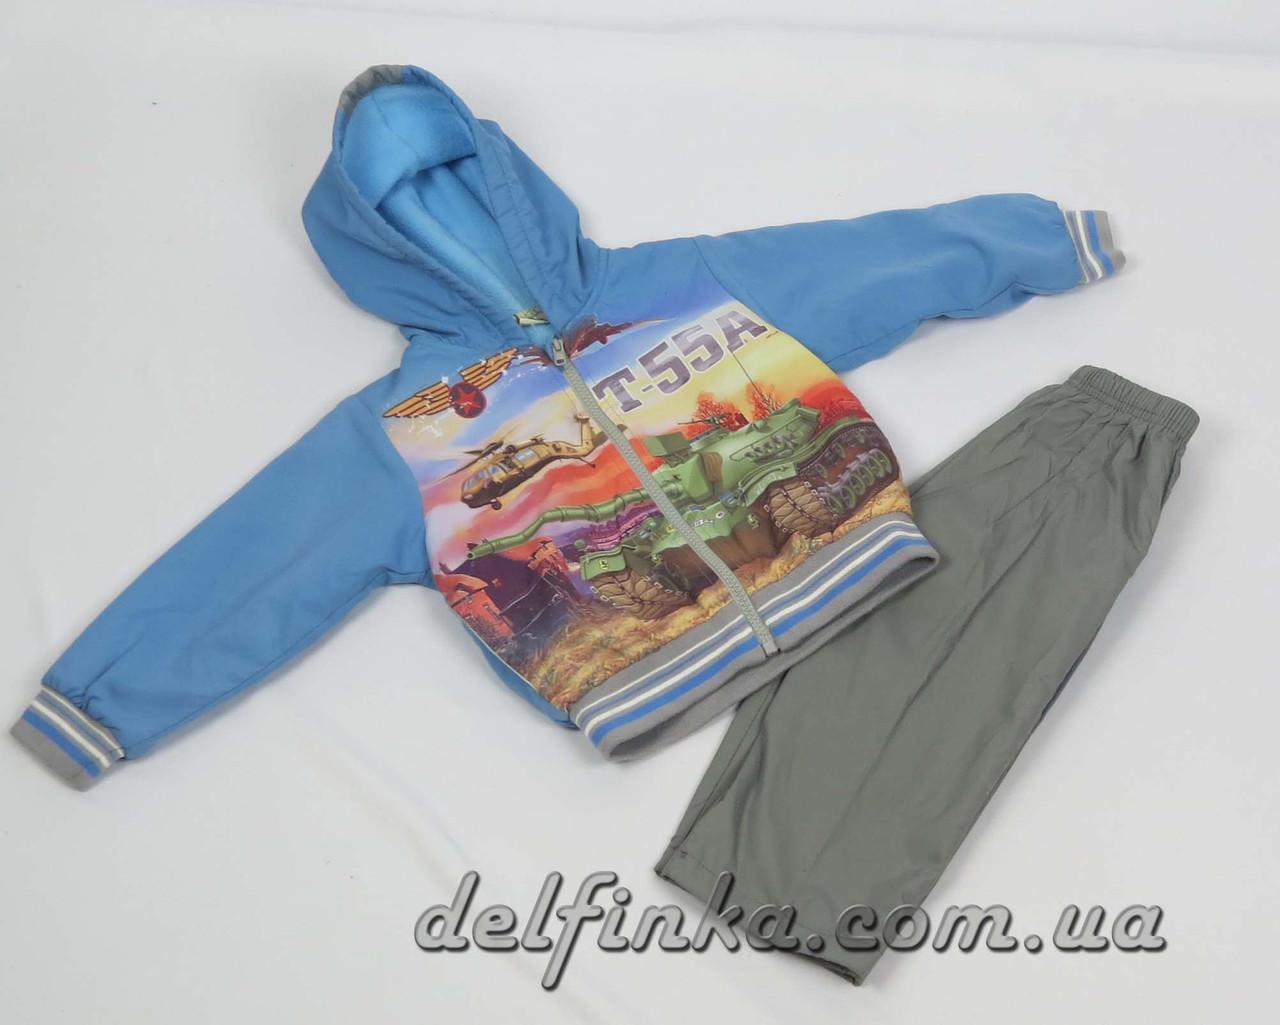 Костюм на флисе для мальчика с 1 года до 3 лет, цвет: синий, фото 1